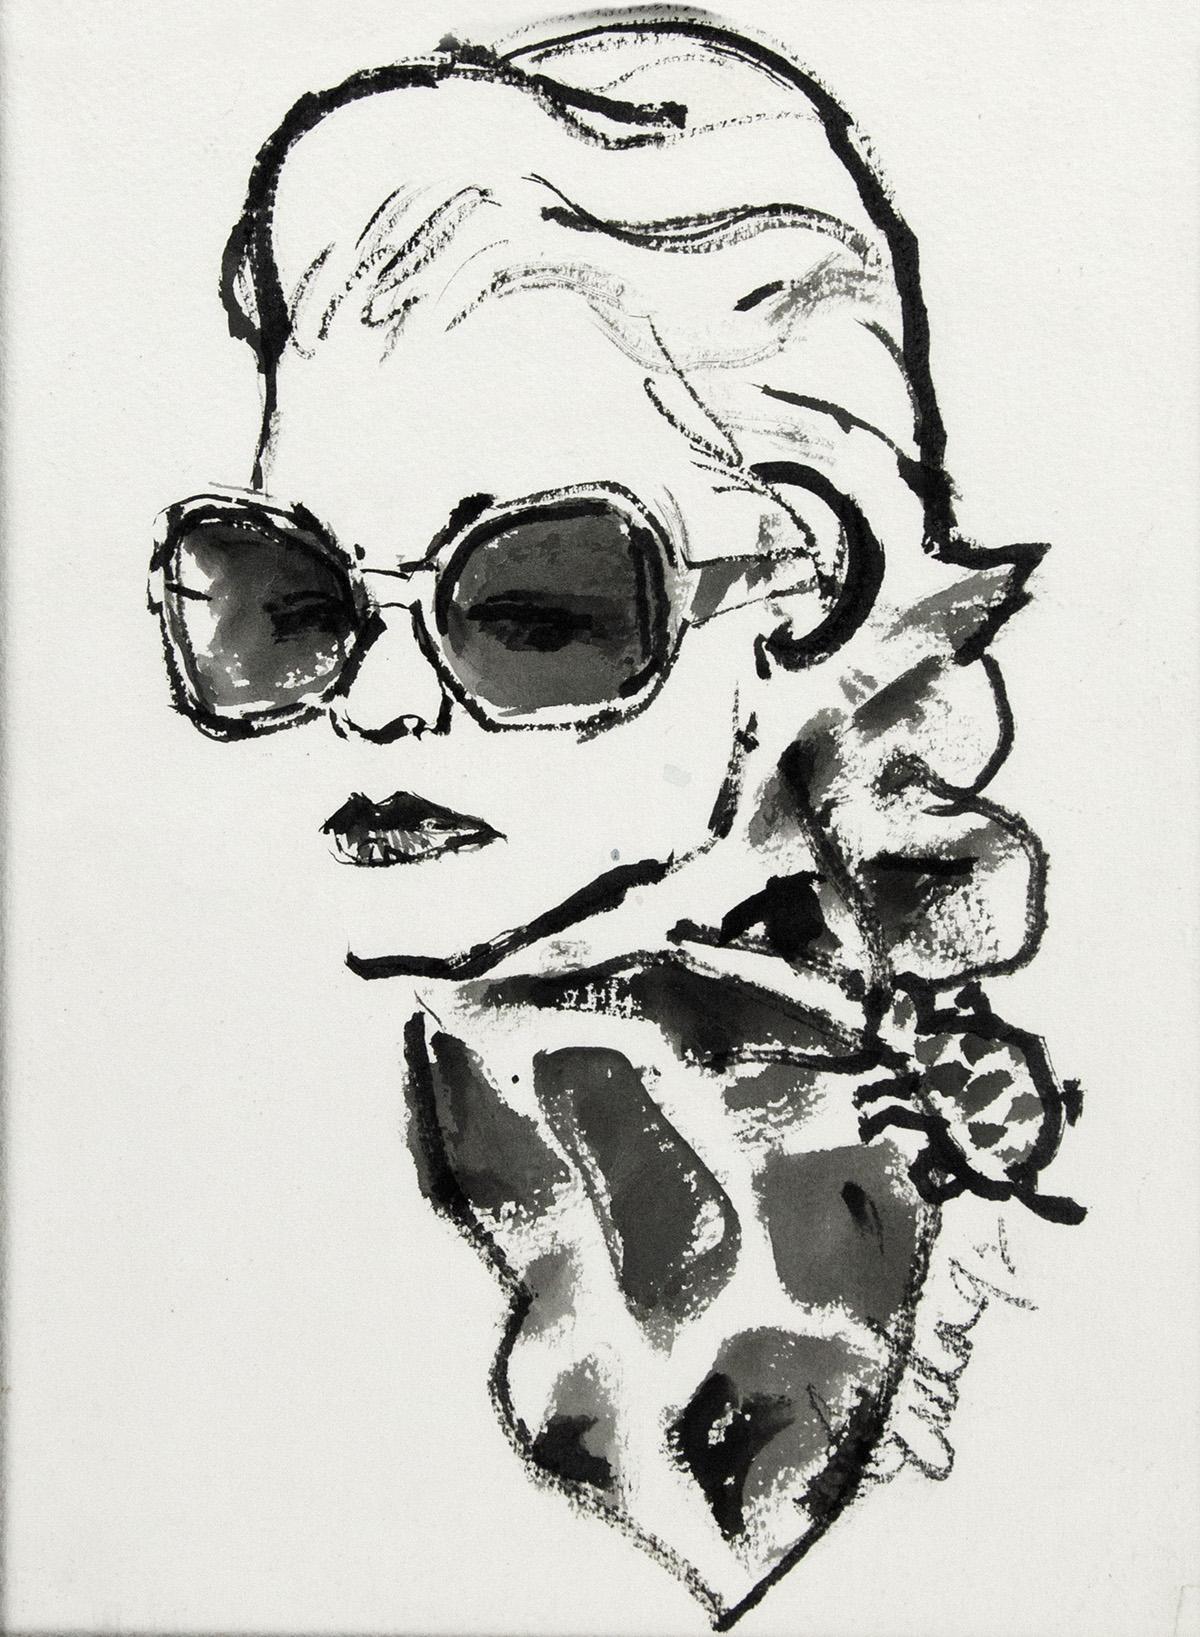 JOE-EULA-Portrait-of-Pauline-Trigère--[FASHION]